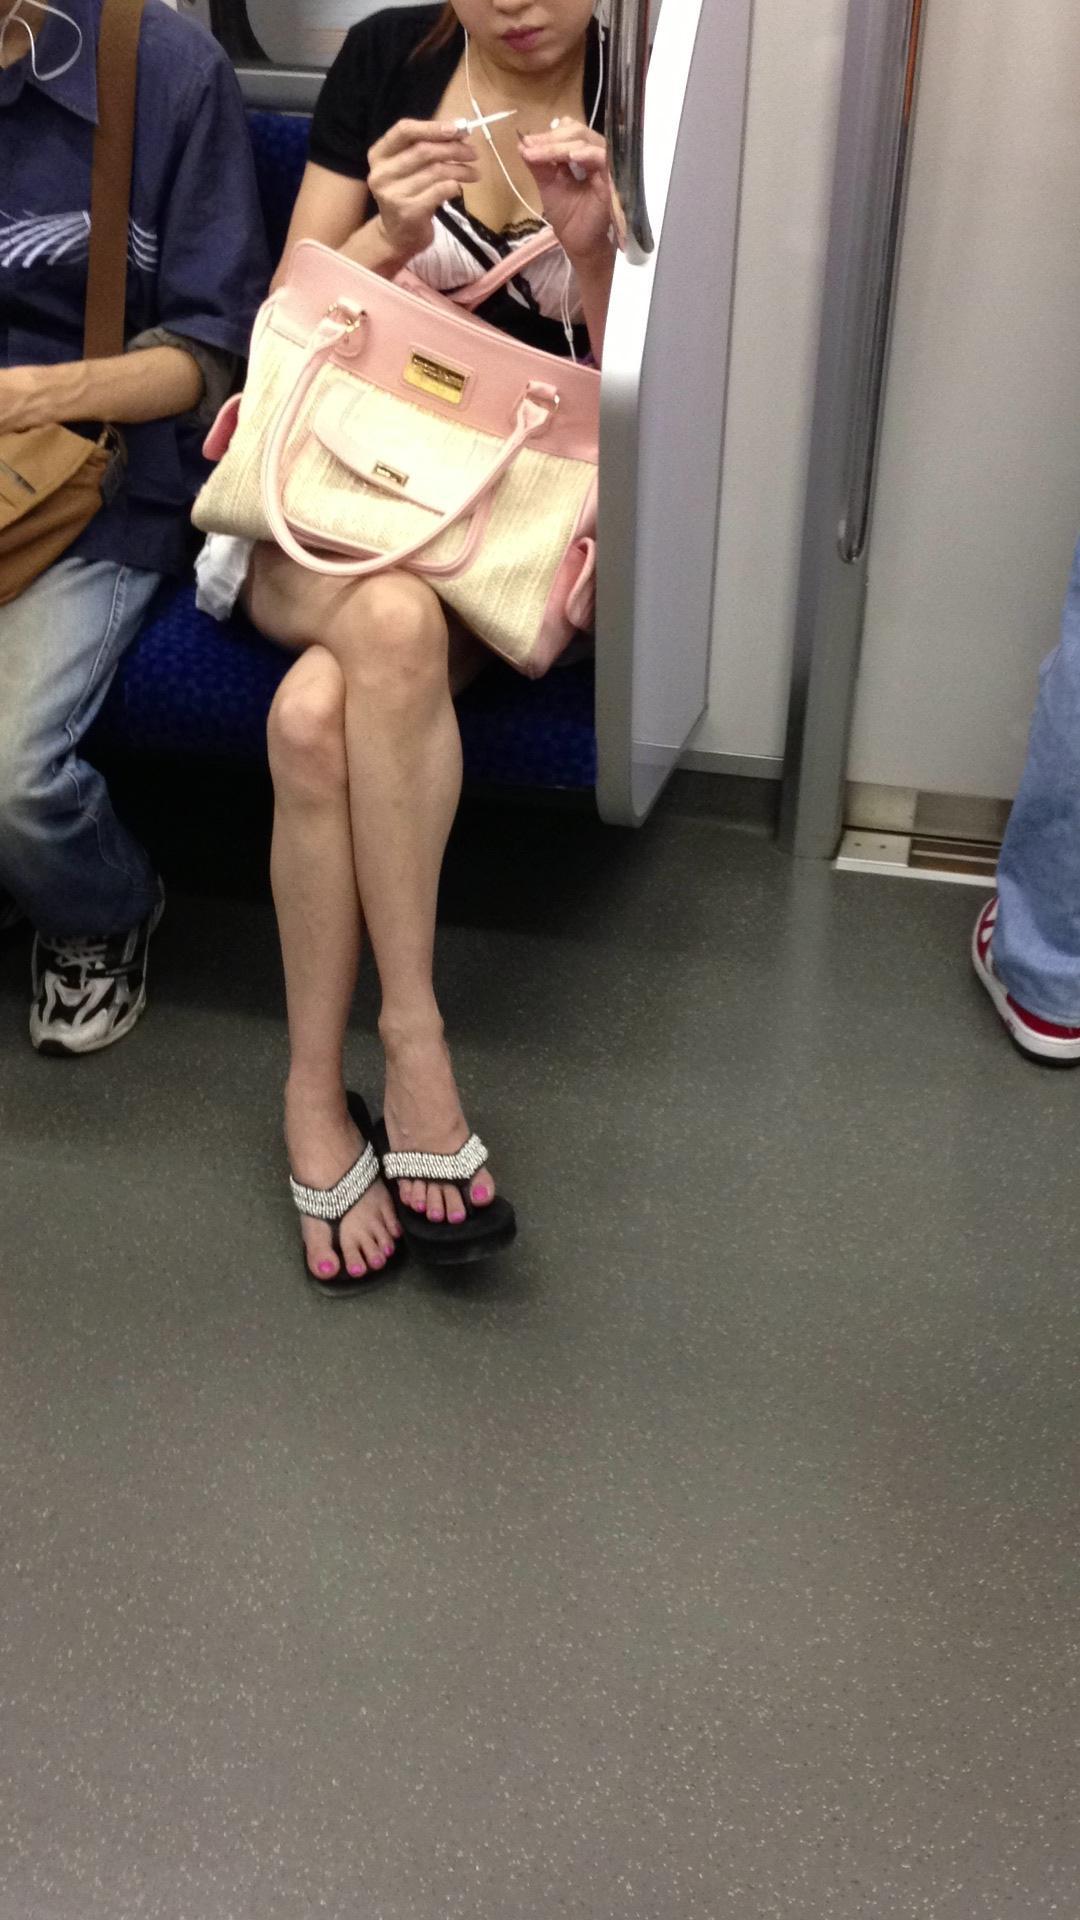 【パンチラエロ画像】長旅ほど見る時間も長いw電車内の丸見えパンチラ監視www 16